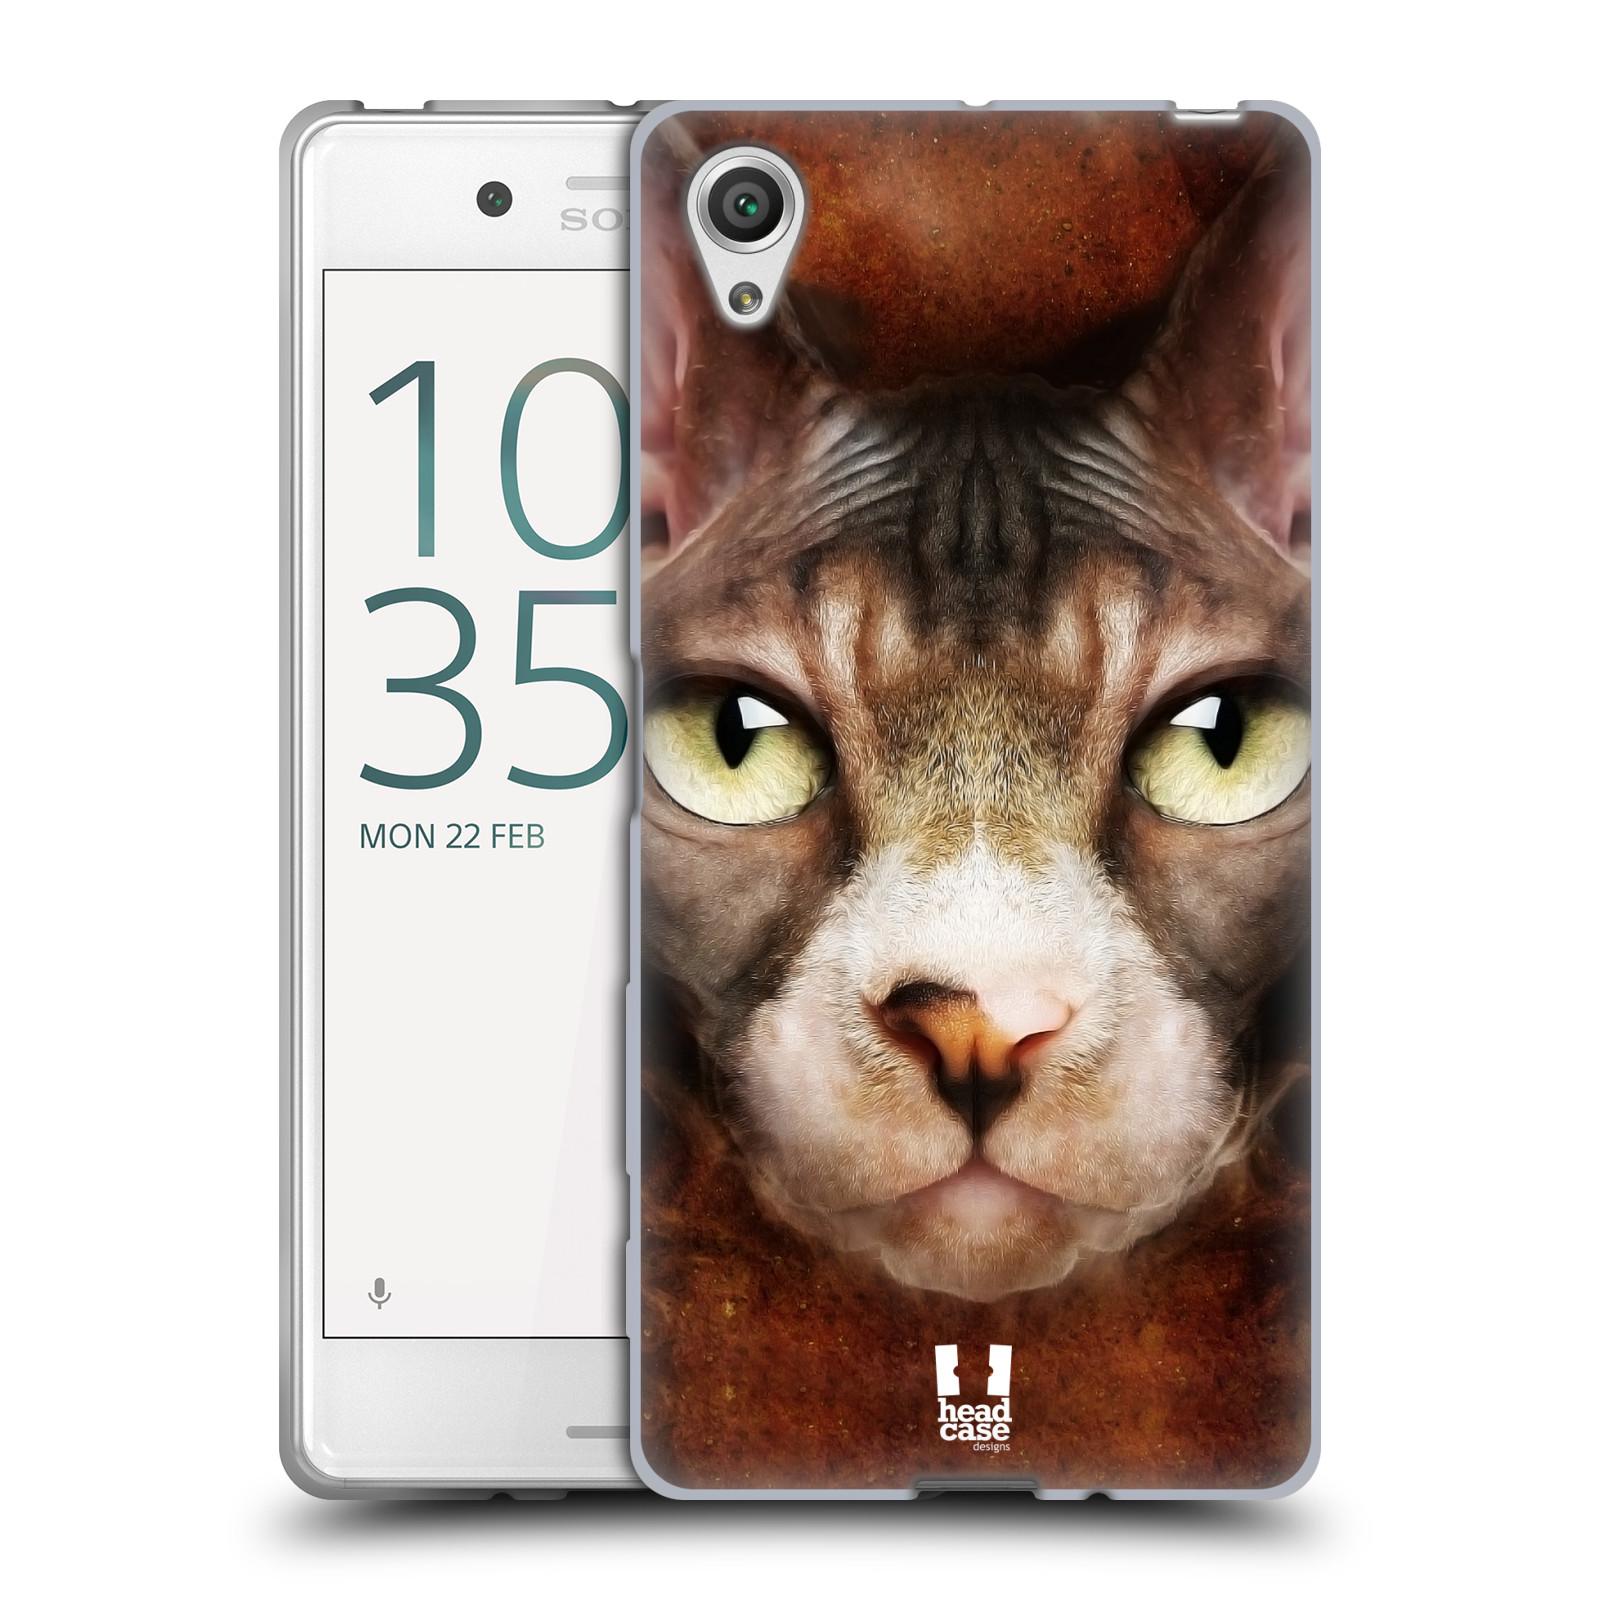 HEAD CASE silikonový obal na mobil Sony Xperia X / X DUAL vzor Zvířecí tváře kočka sphynx